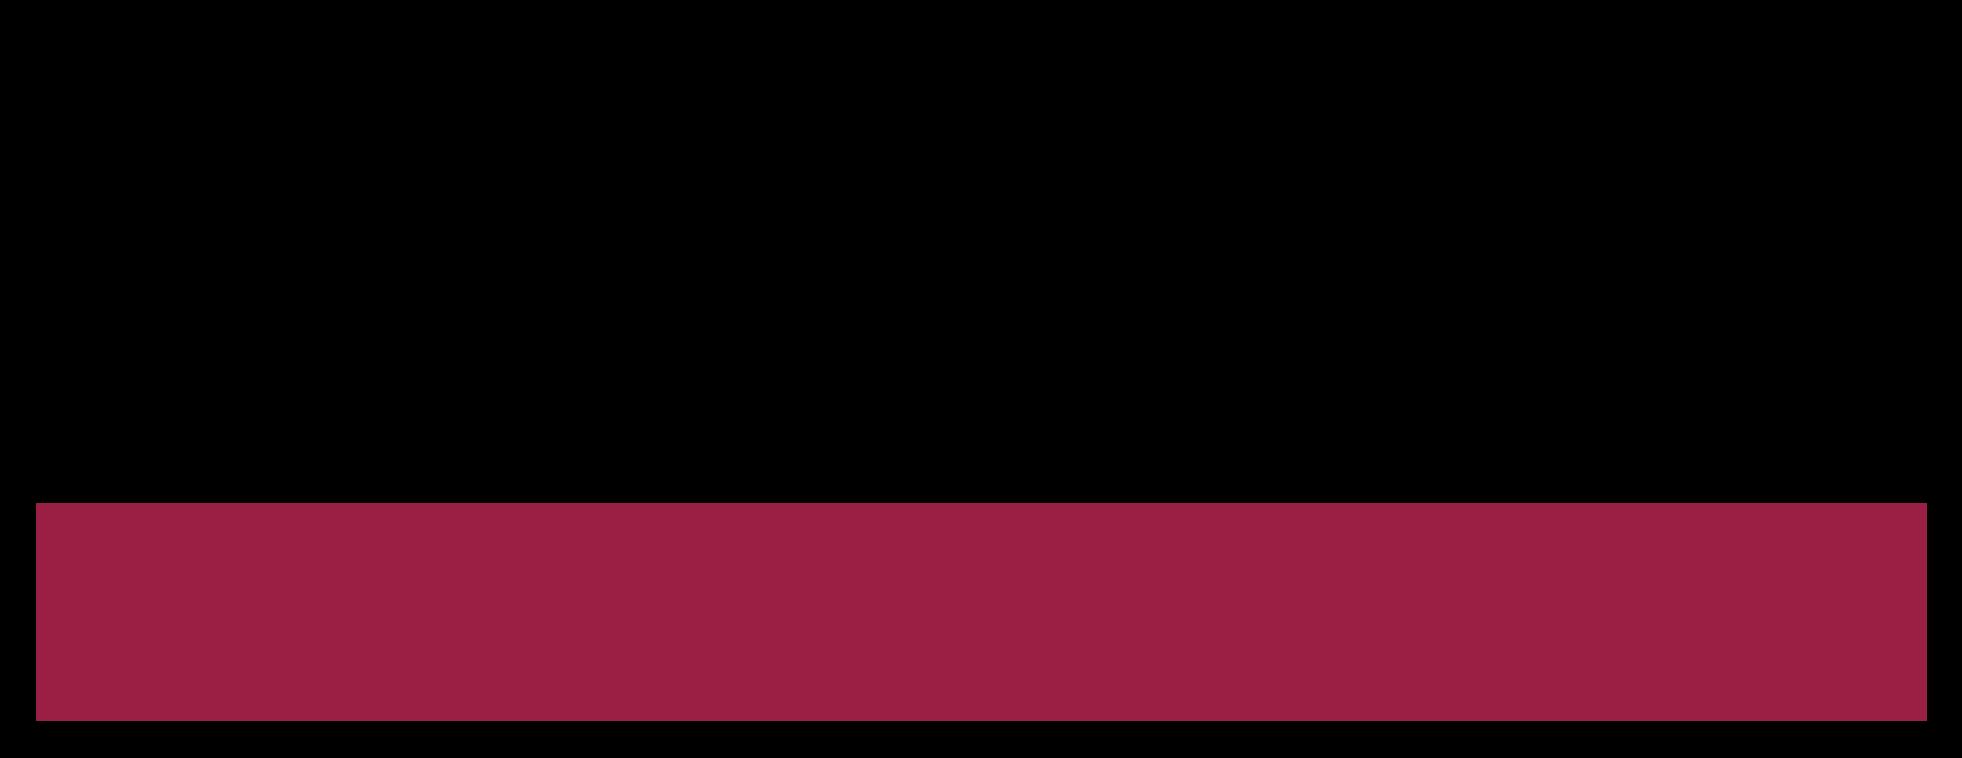 Logo Wirtschaftsstandortmarke Rheinland-Pfalz.Gold